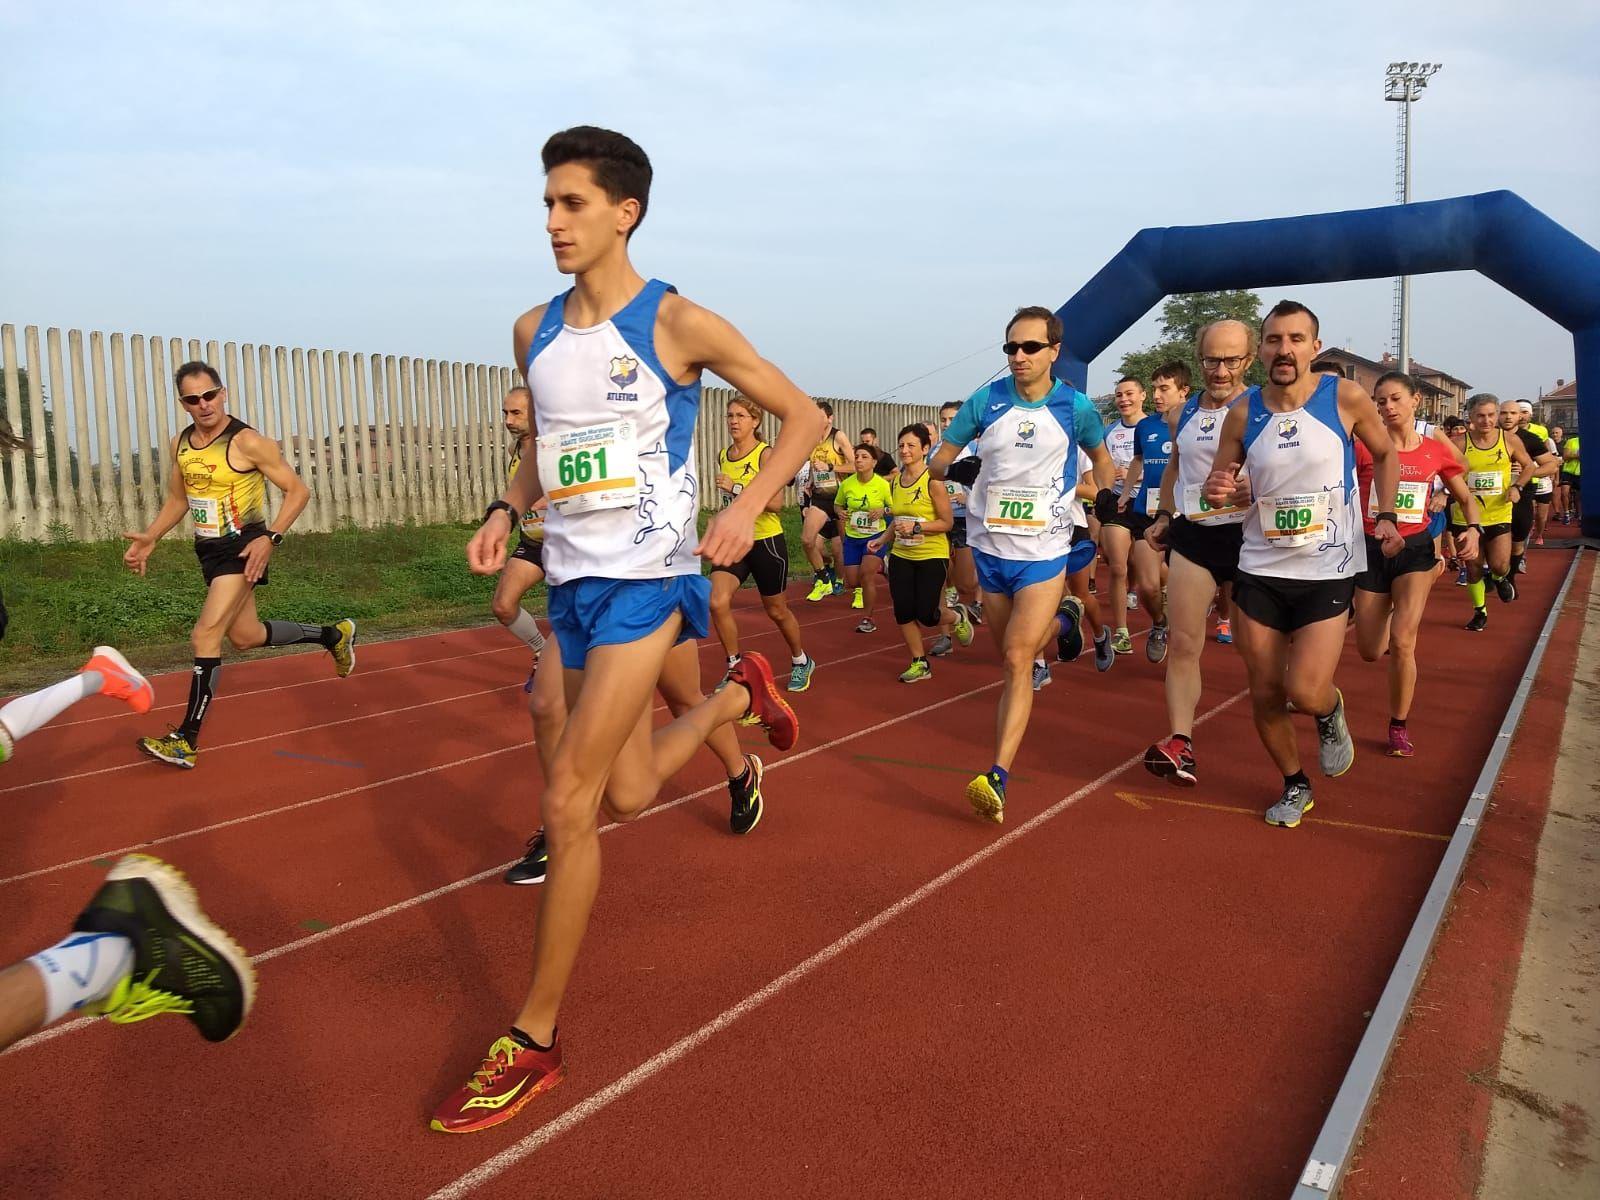 PODISMO - Grande successo per la Mezza Maratona dell'Abate Guglielmo - FOTO